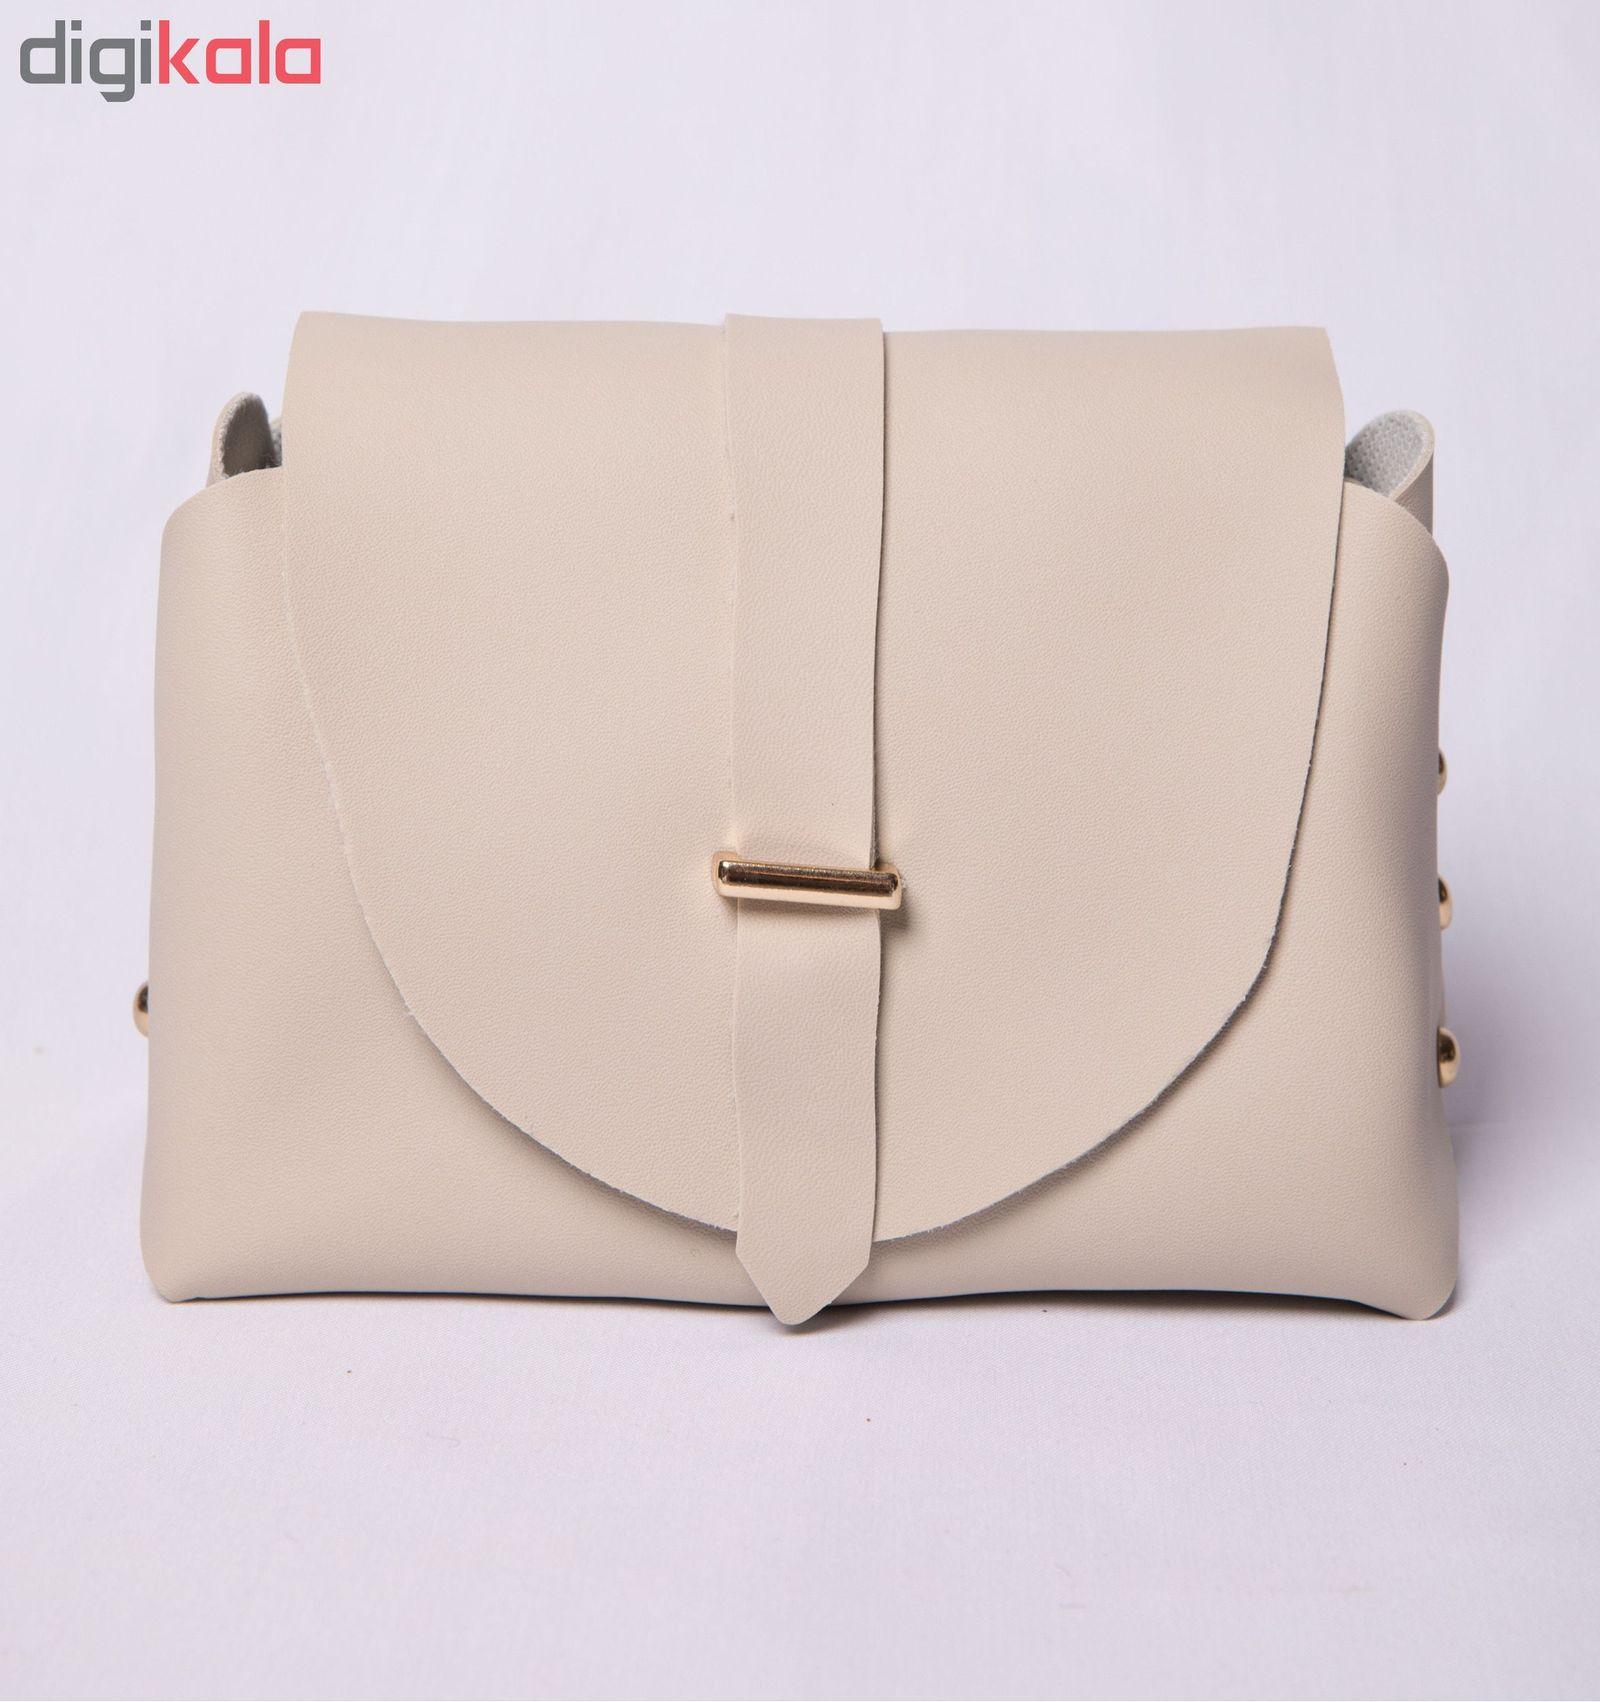 کیف دوشی زنانه مدل روشا -  - 9